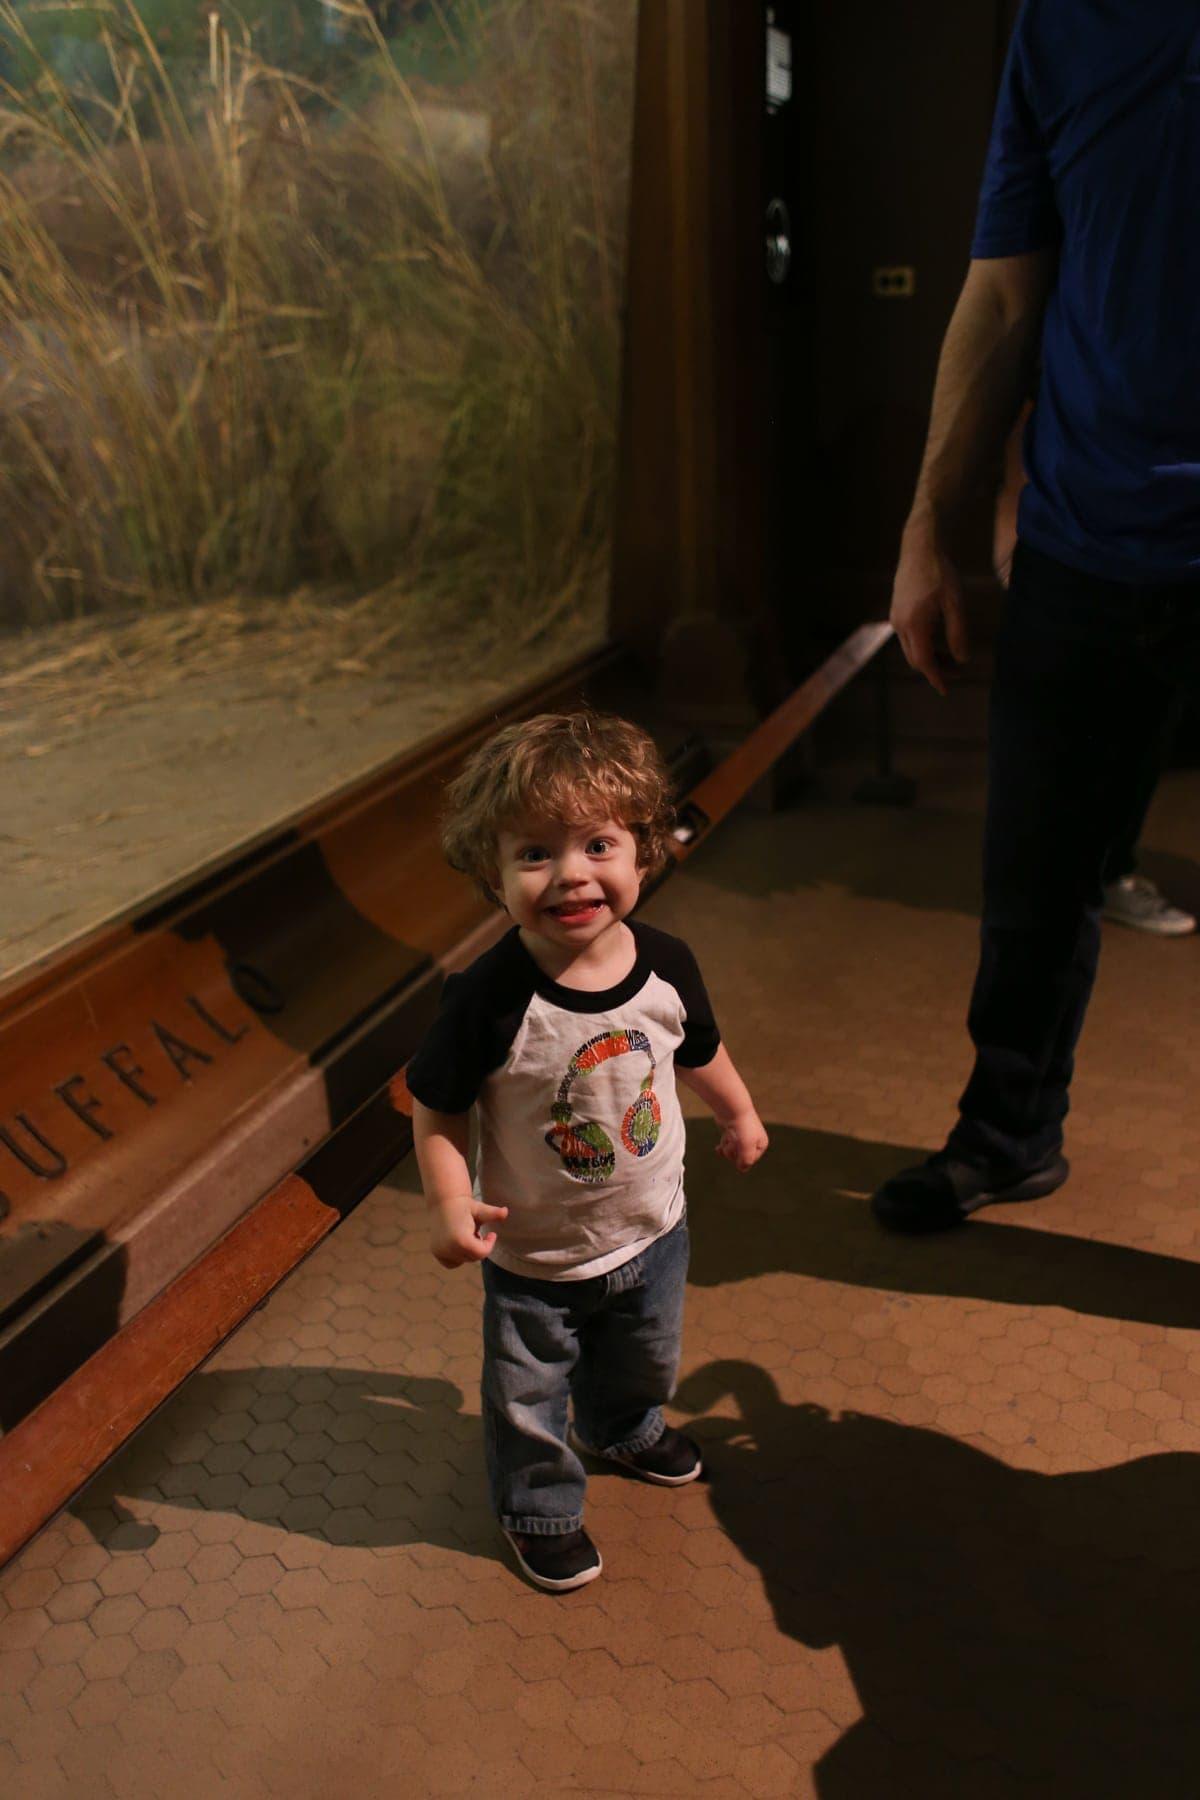 Eddie in the museum